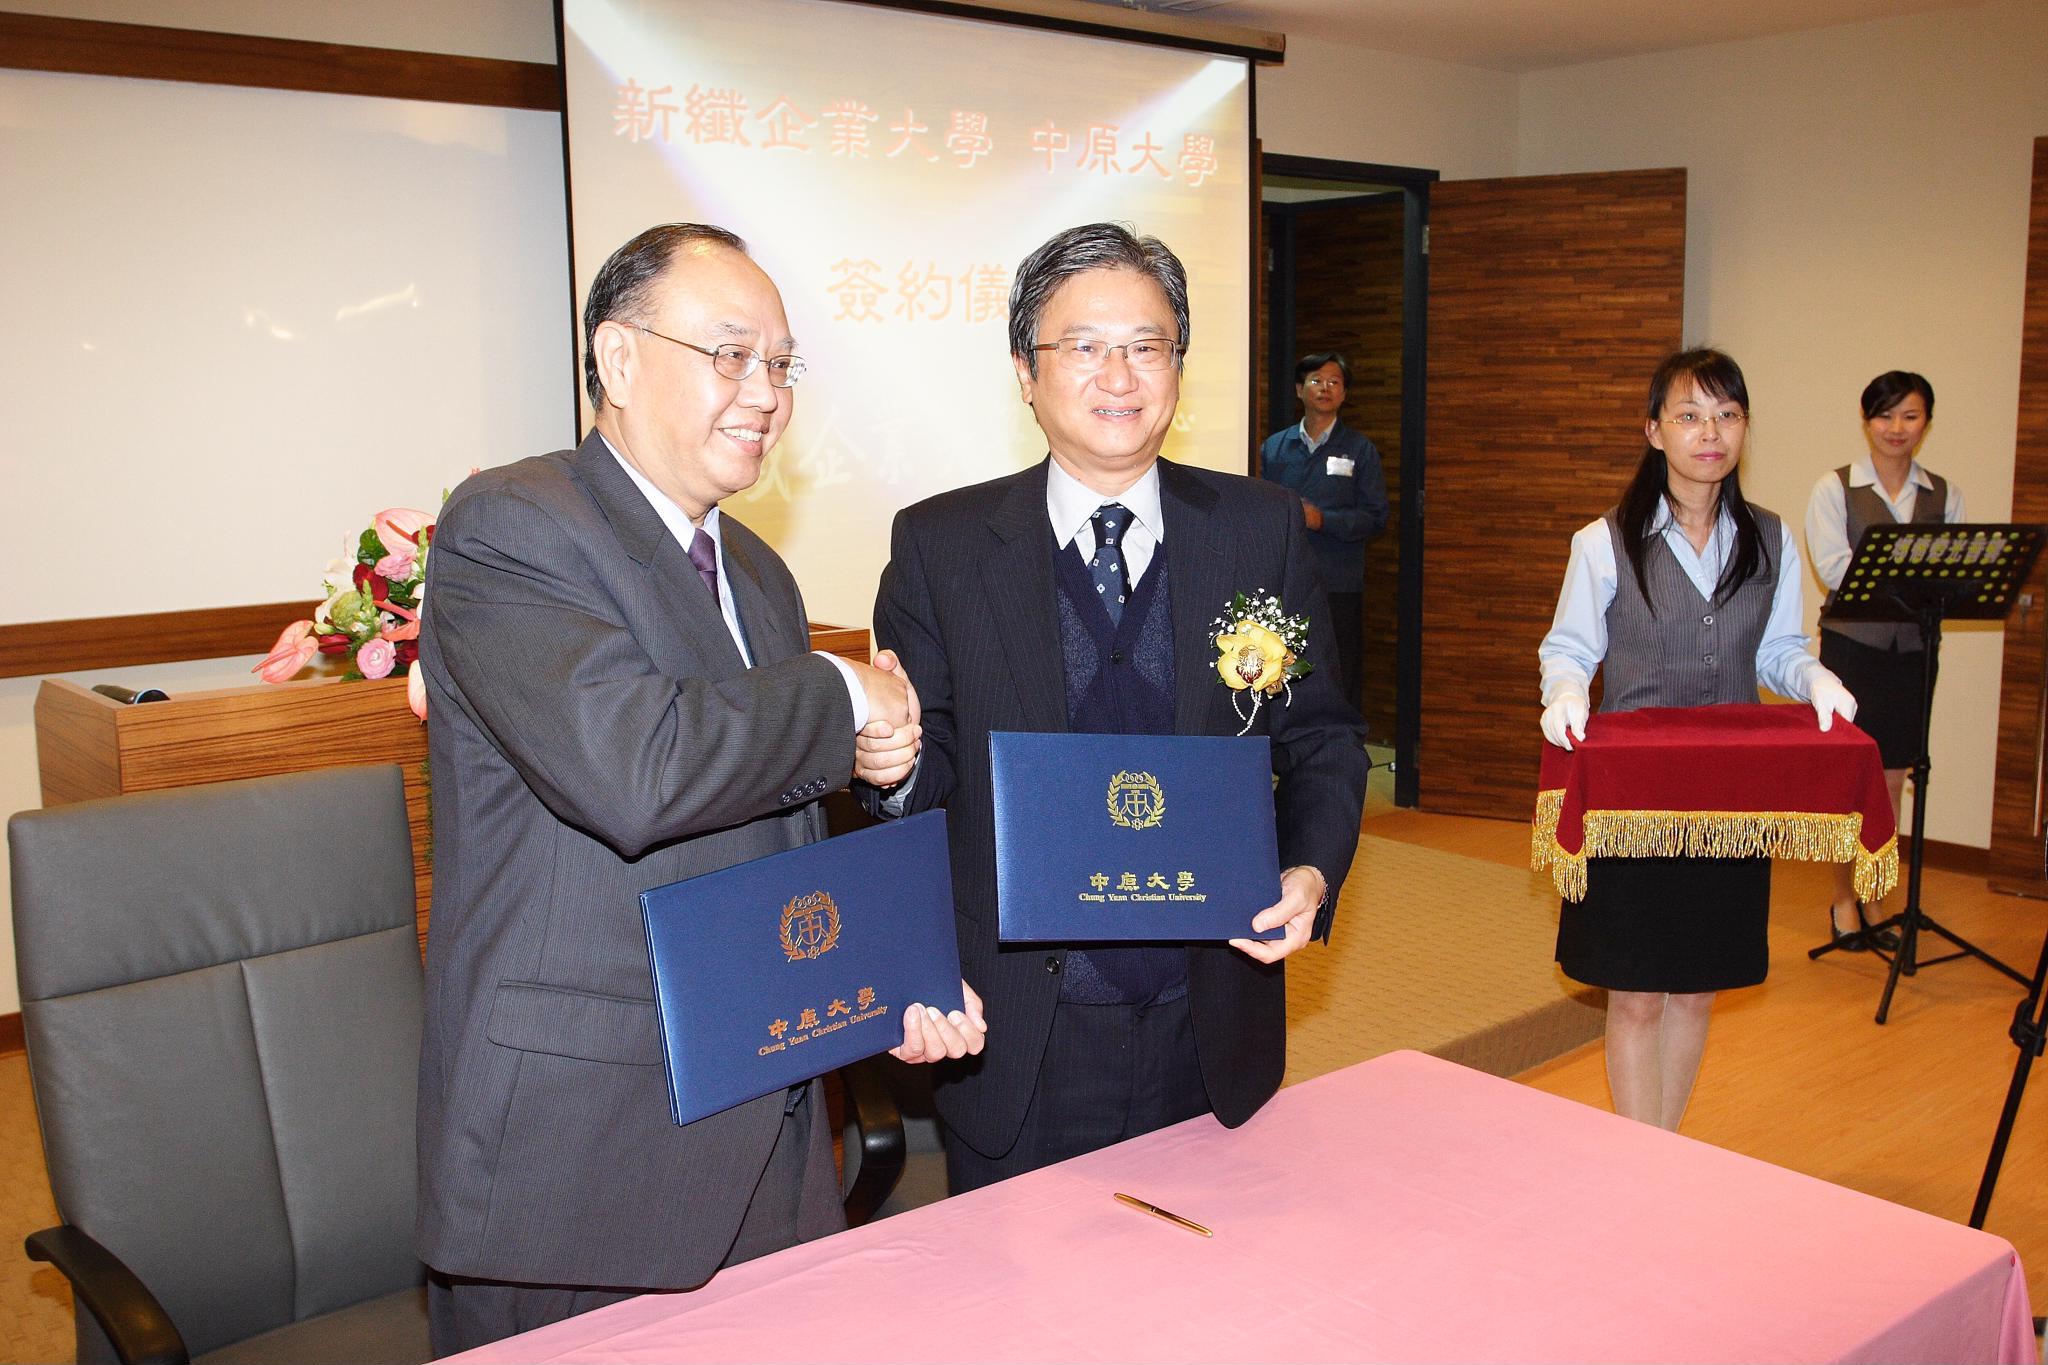 中原大學與新光合纖公司簽約 共同推動產學合作